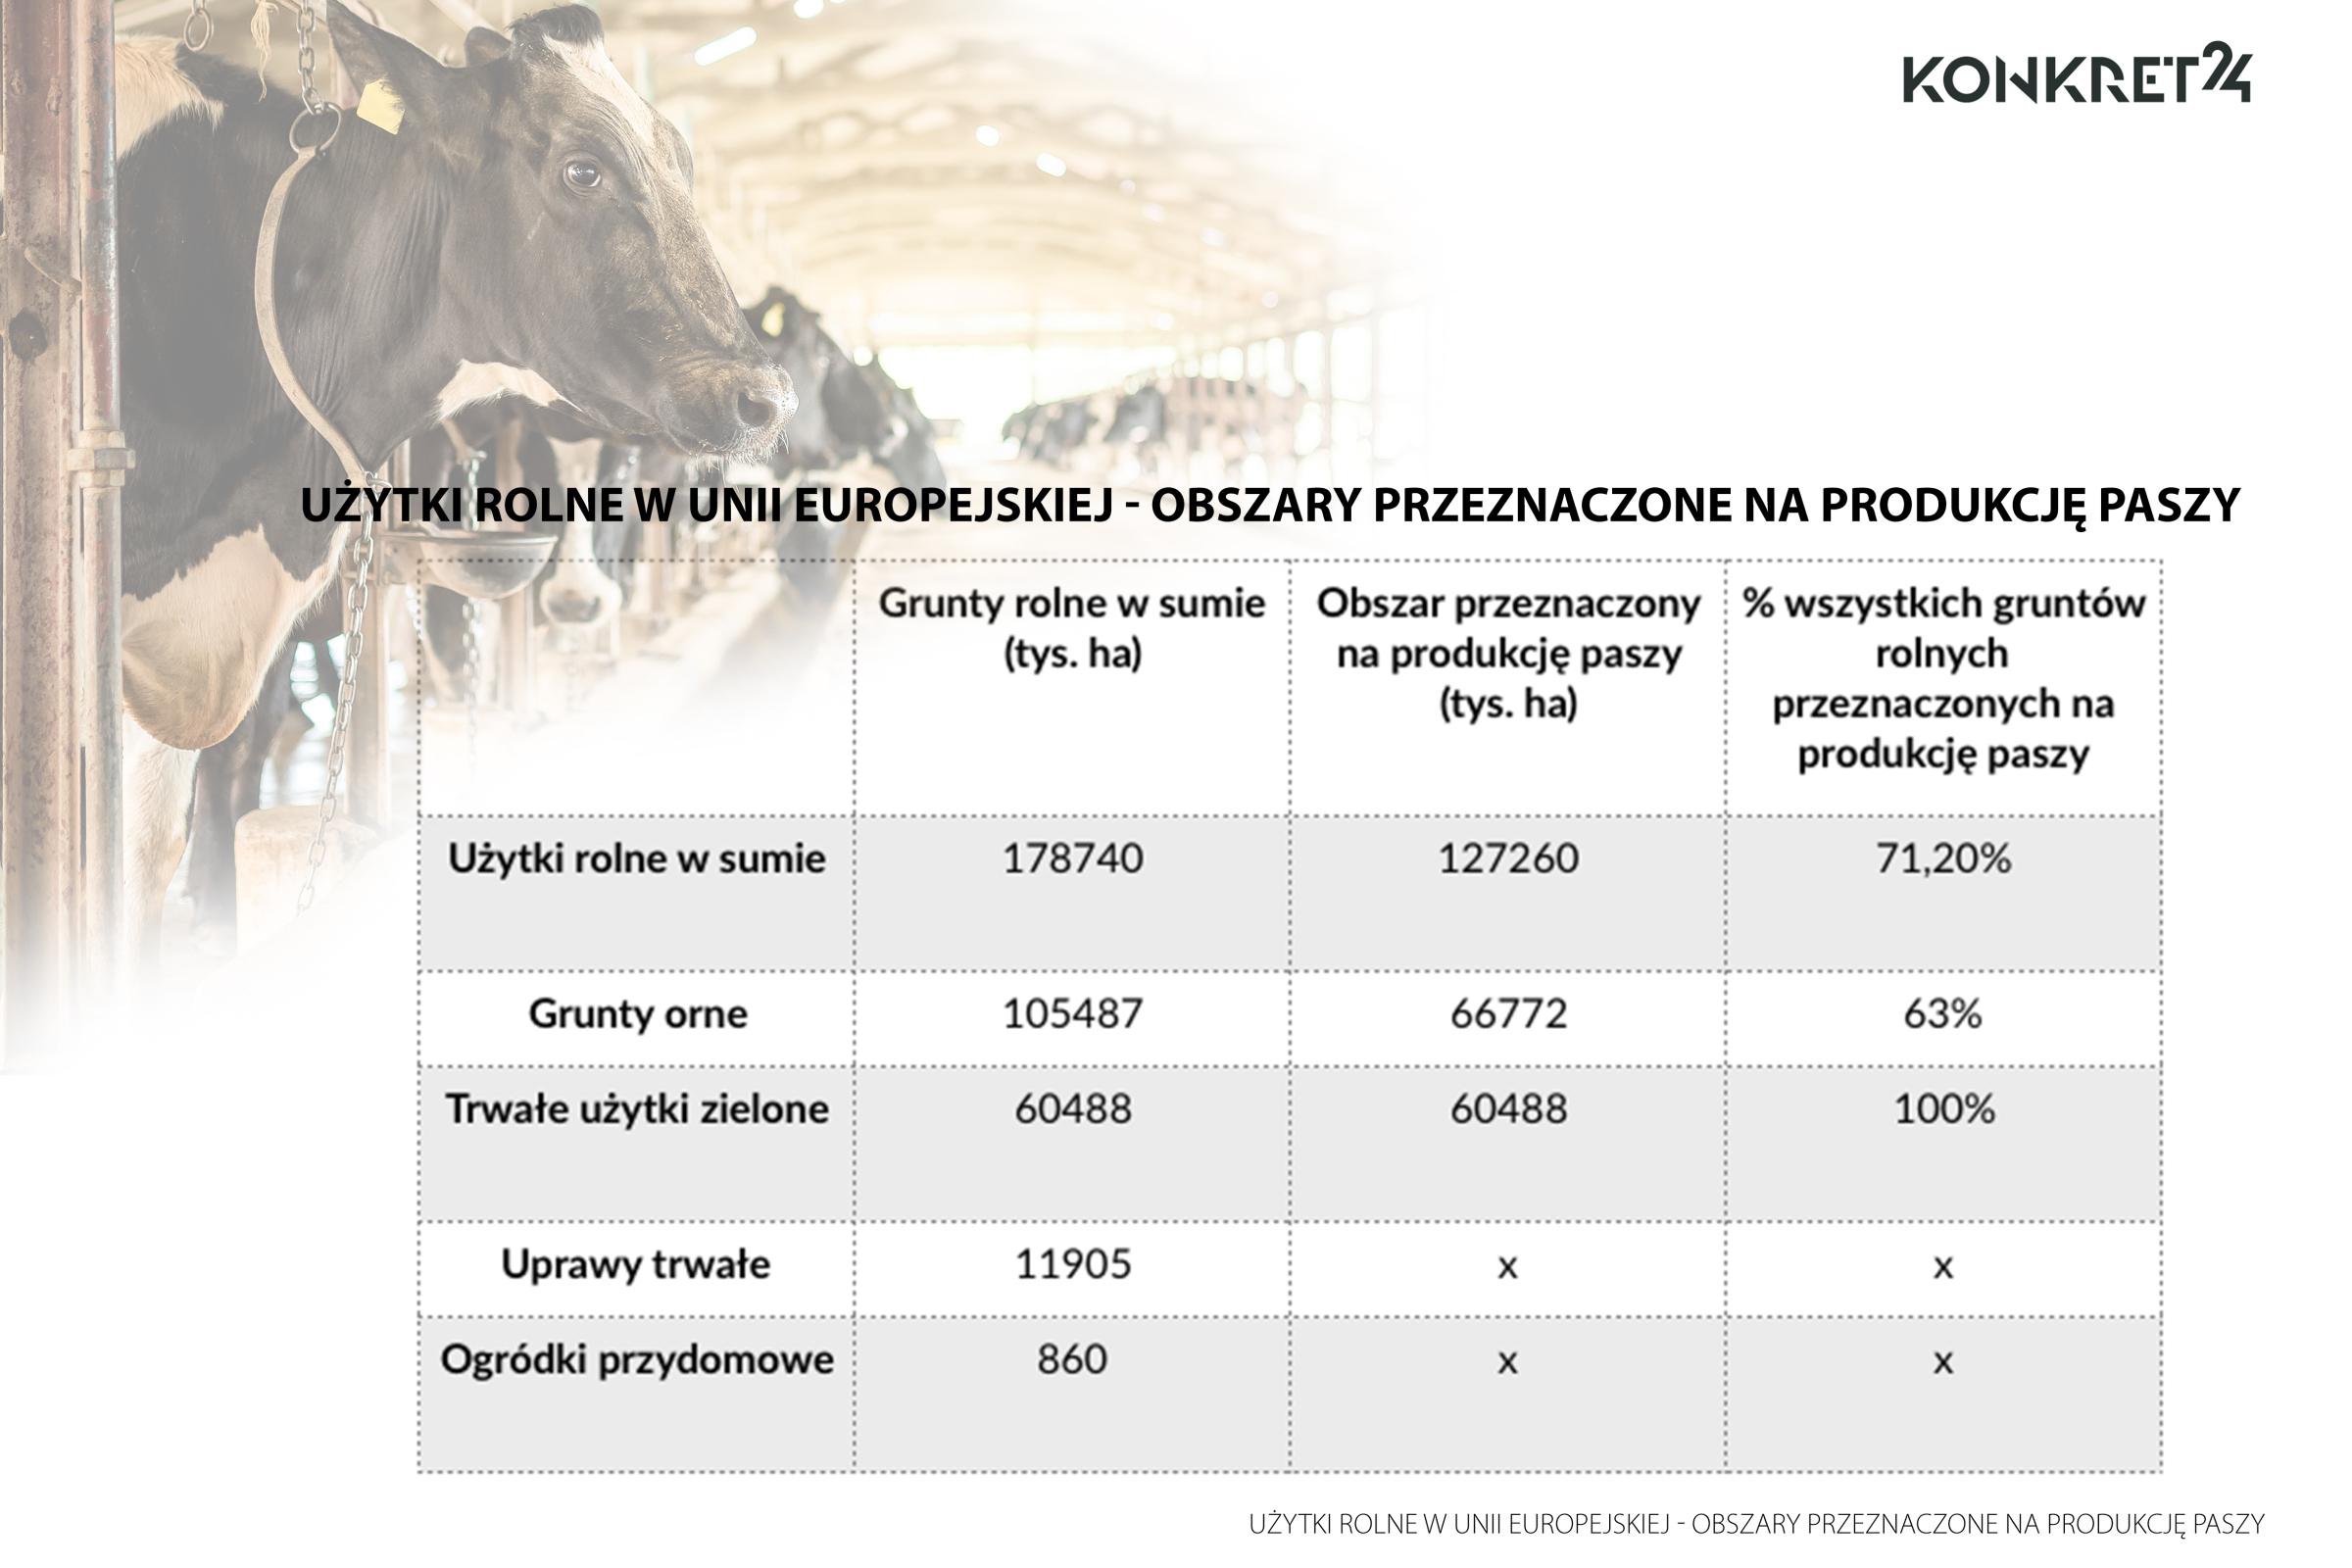 63 proc. wszystkich gruntów ornych w UE to obszary przeznaczone pod uprawy na paszę dla zwierząt gospodarczych